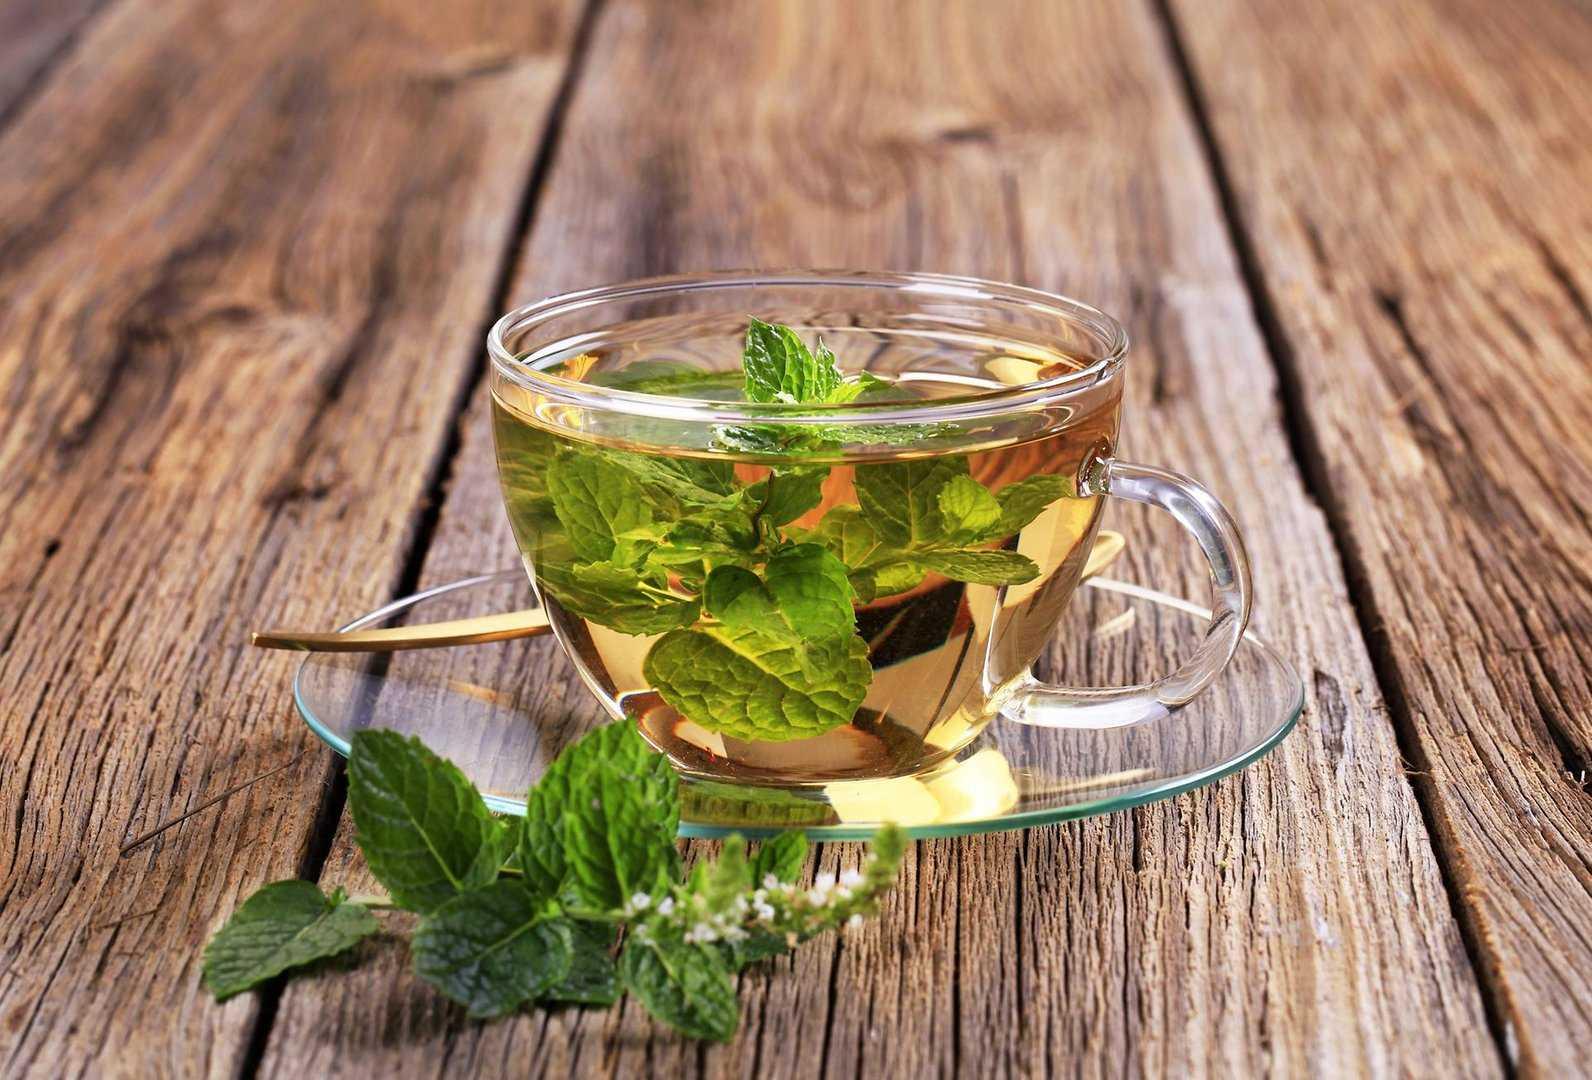 Малина при беременности: на ранних и поздних сроках, как принимать, листья, чай, можно ли, отвар, противопоказания, польза и вред